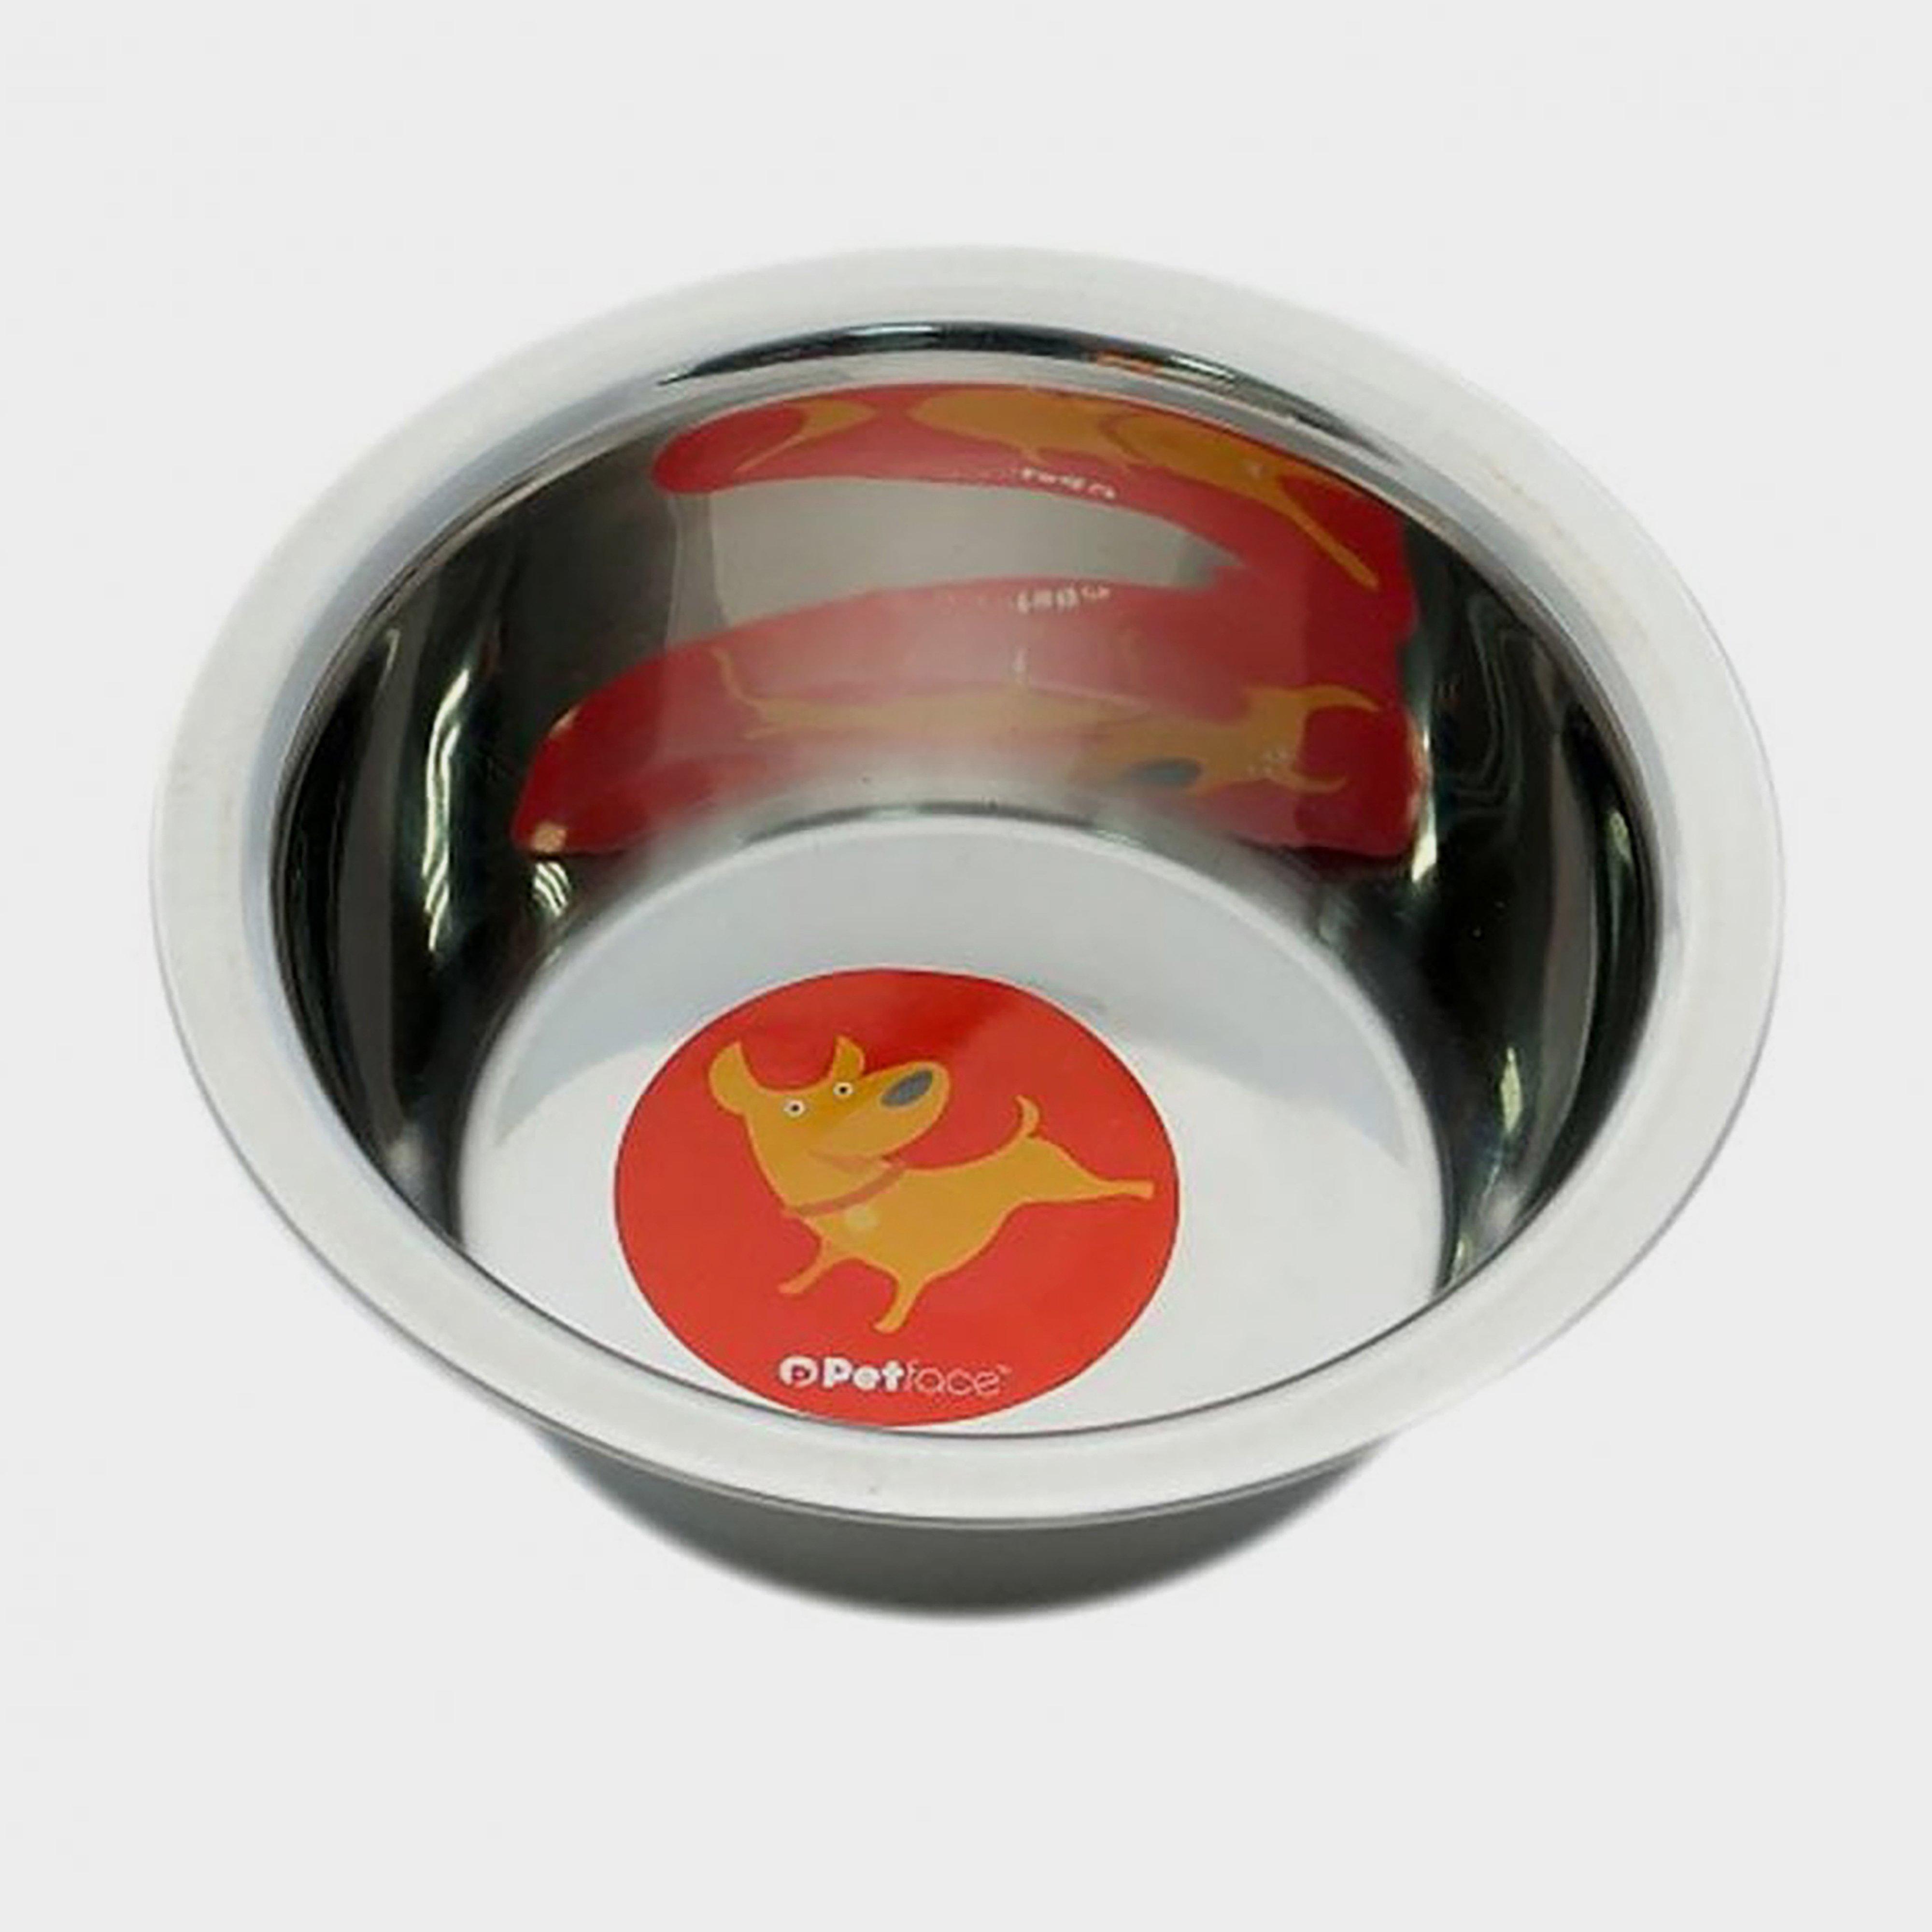 Image of Petface Stainless Steel Non Slip Bowl - Sli/Slip, SLI/SLIP